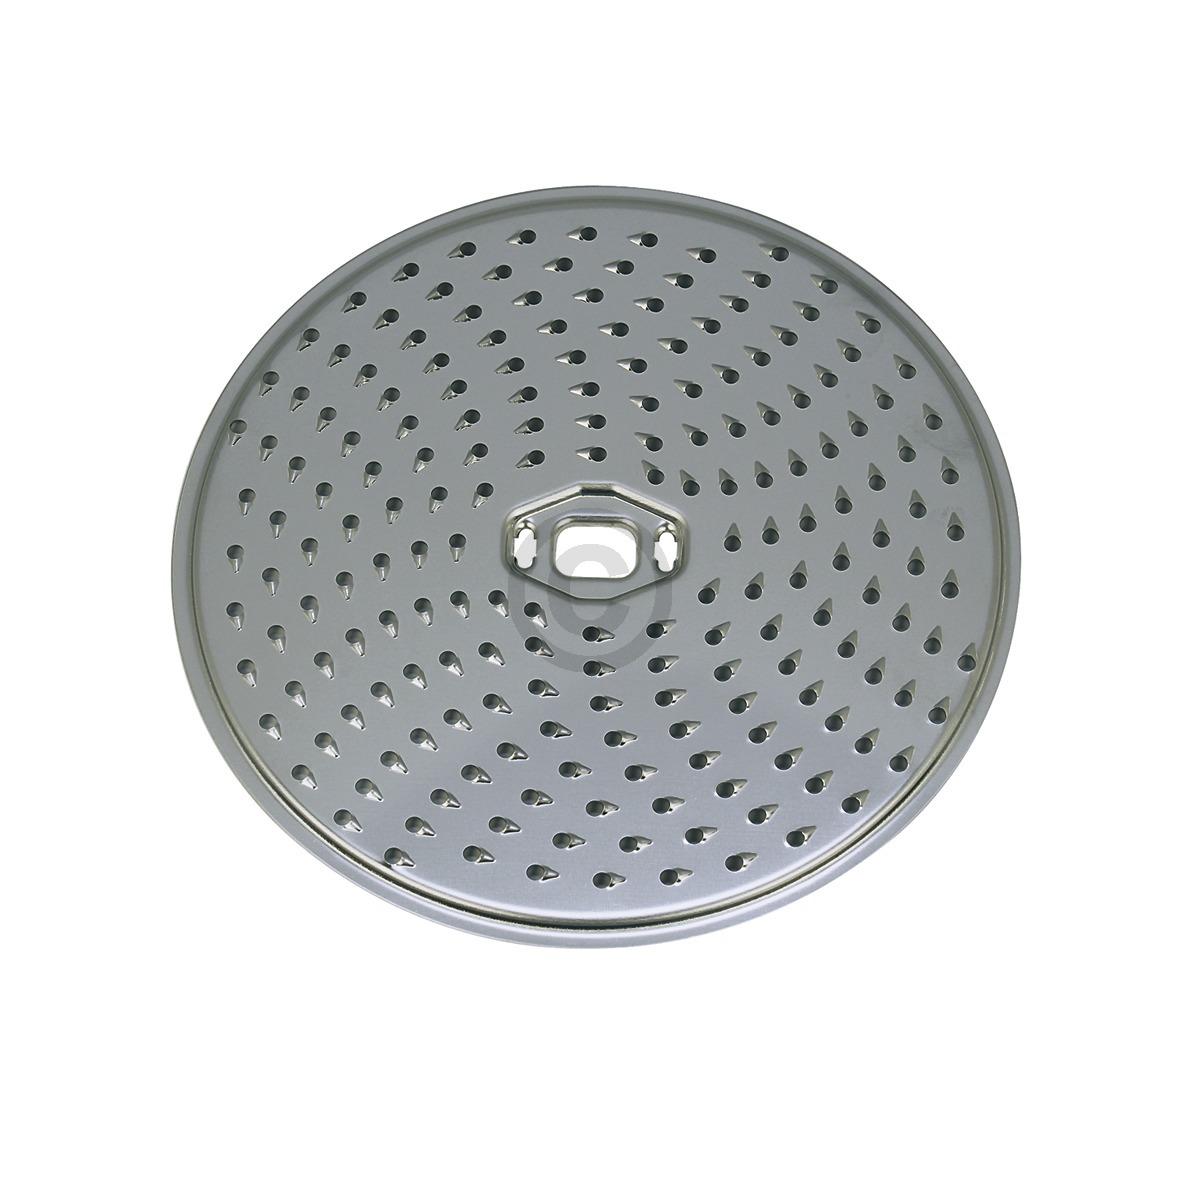 Reibscheibe für Küchenmaschine 00080159 080159 Bosch, Siemens, Neff